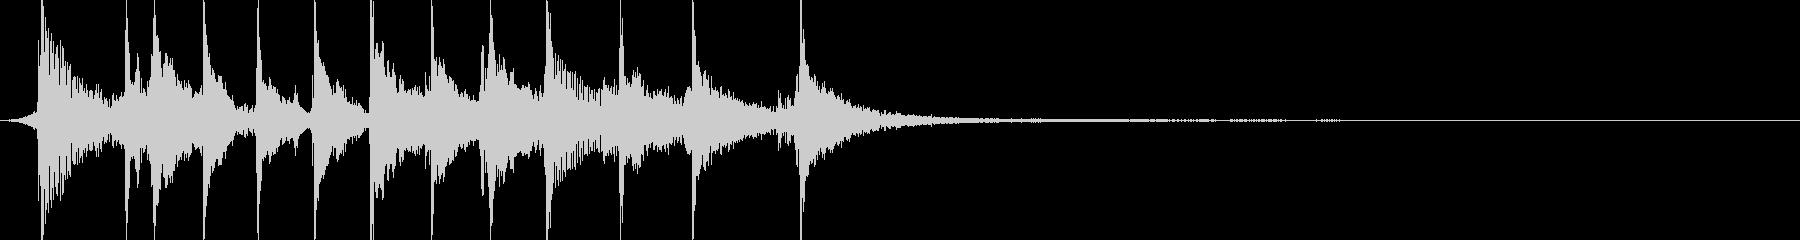 伝統的な津軽三味線 ジングル2の未再生の波形